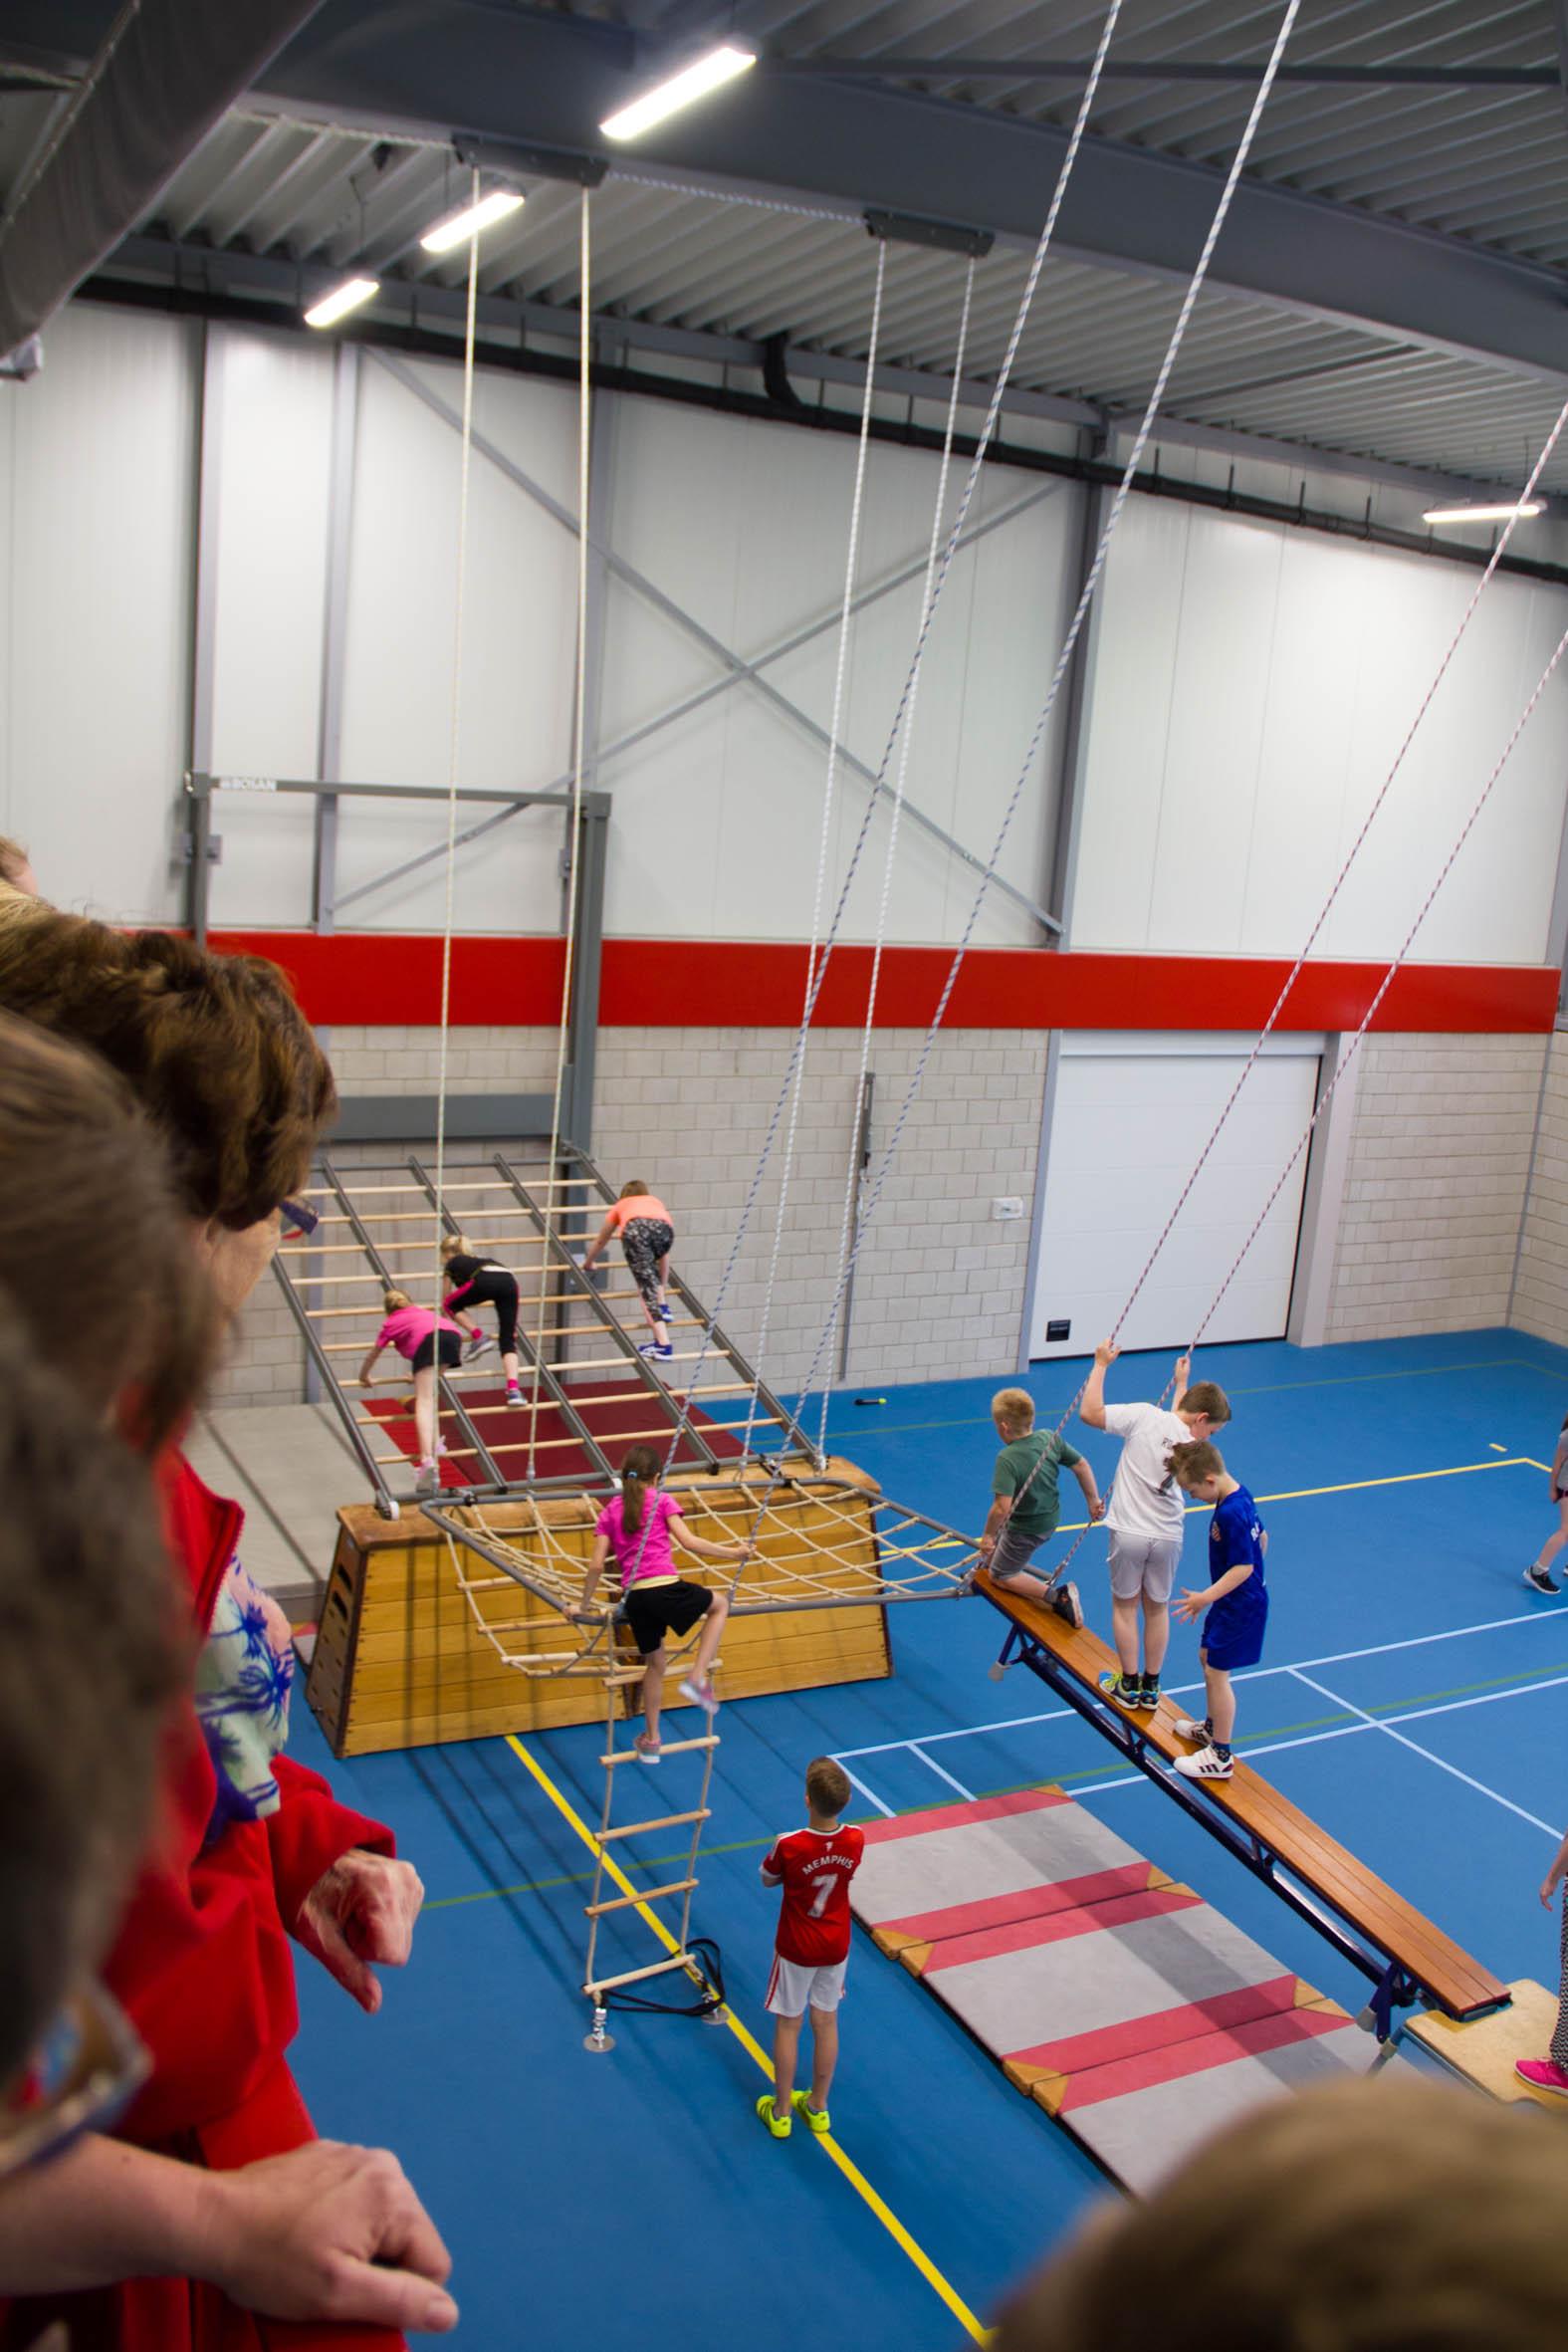 De basisschool geeft een demonstratie met de nieuwe klimnetten en wandrek